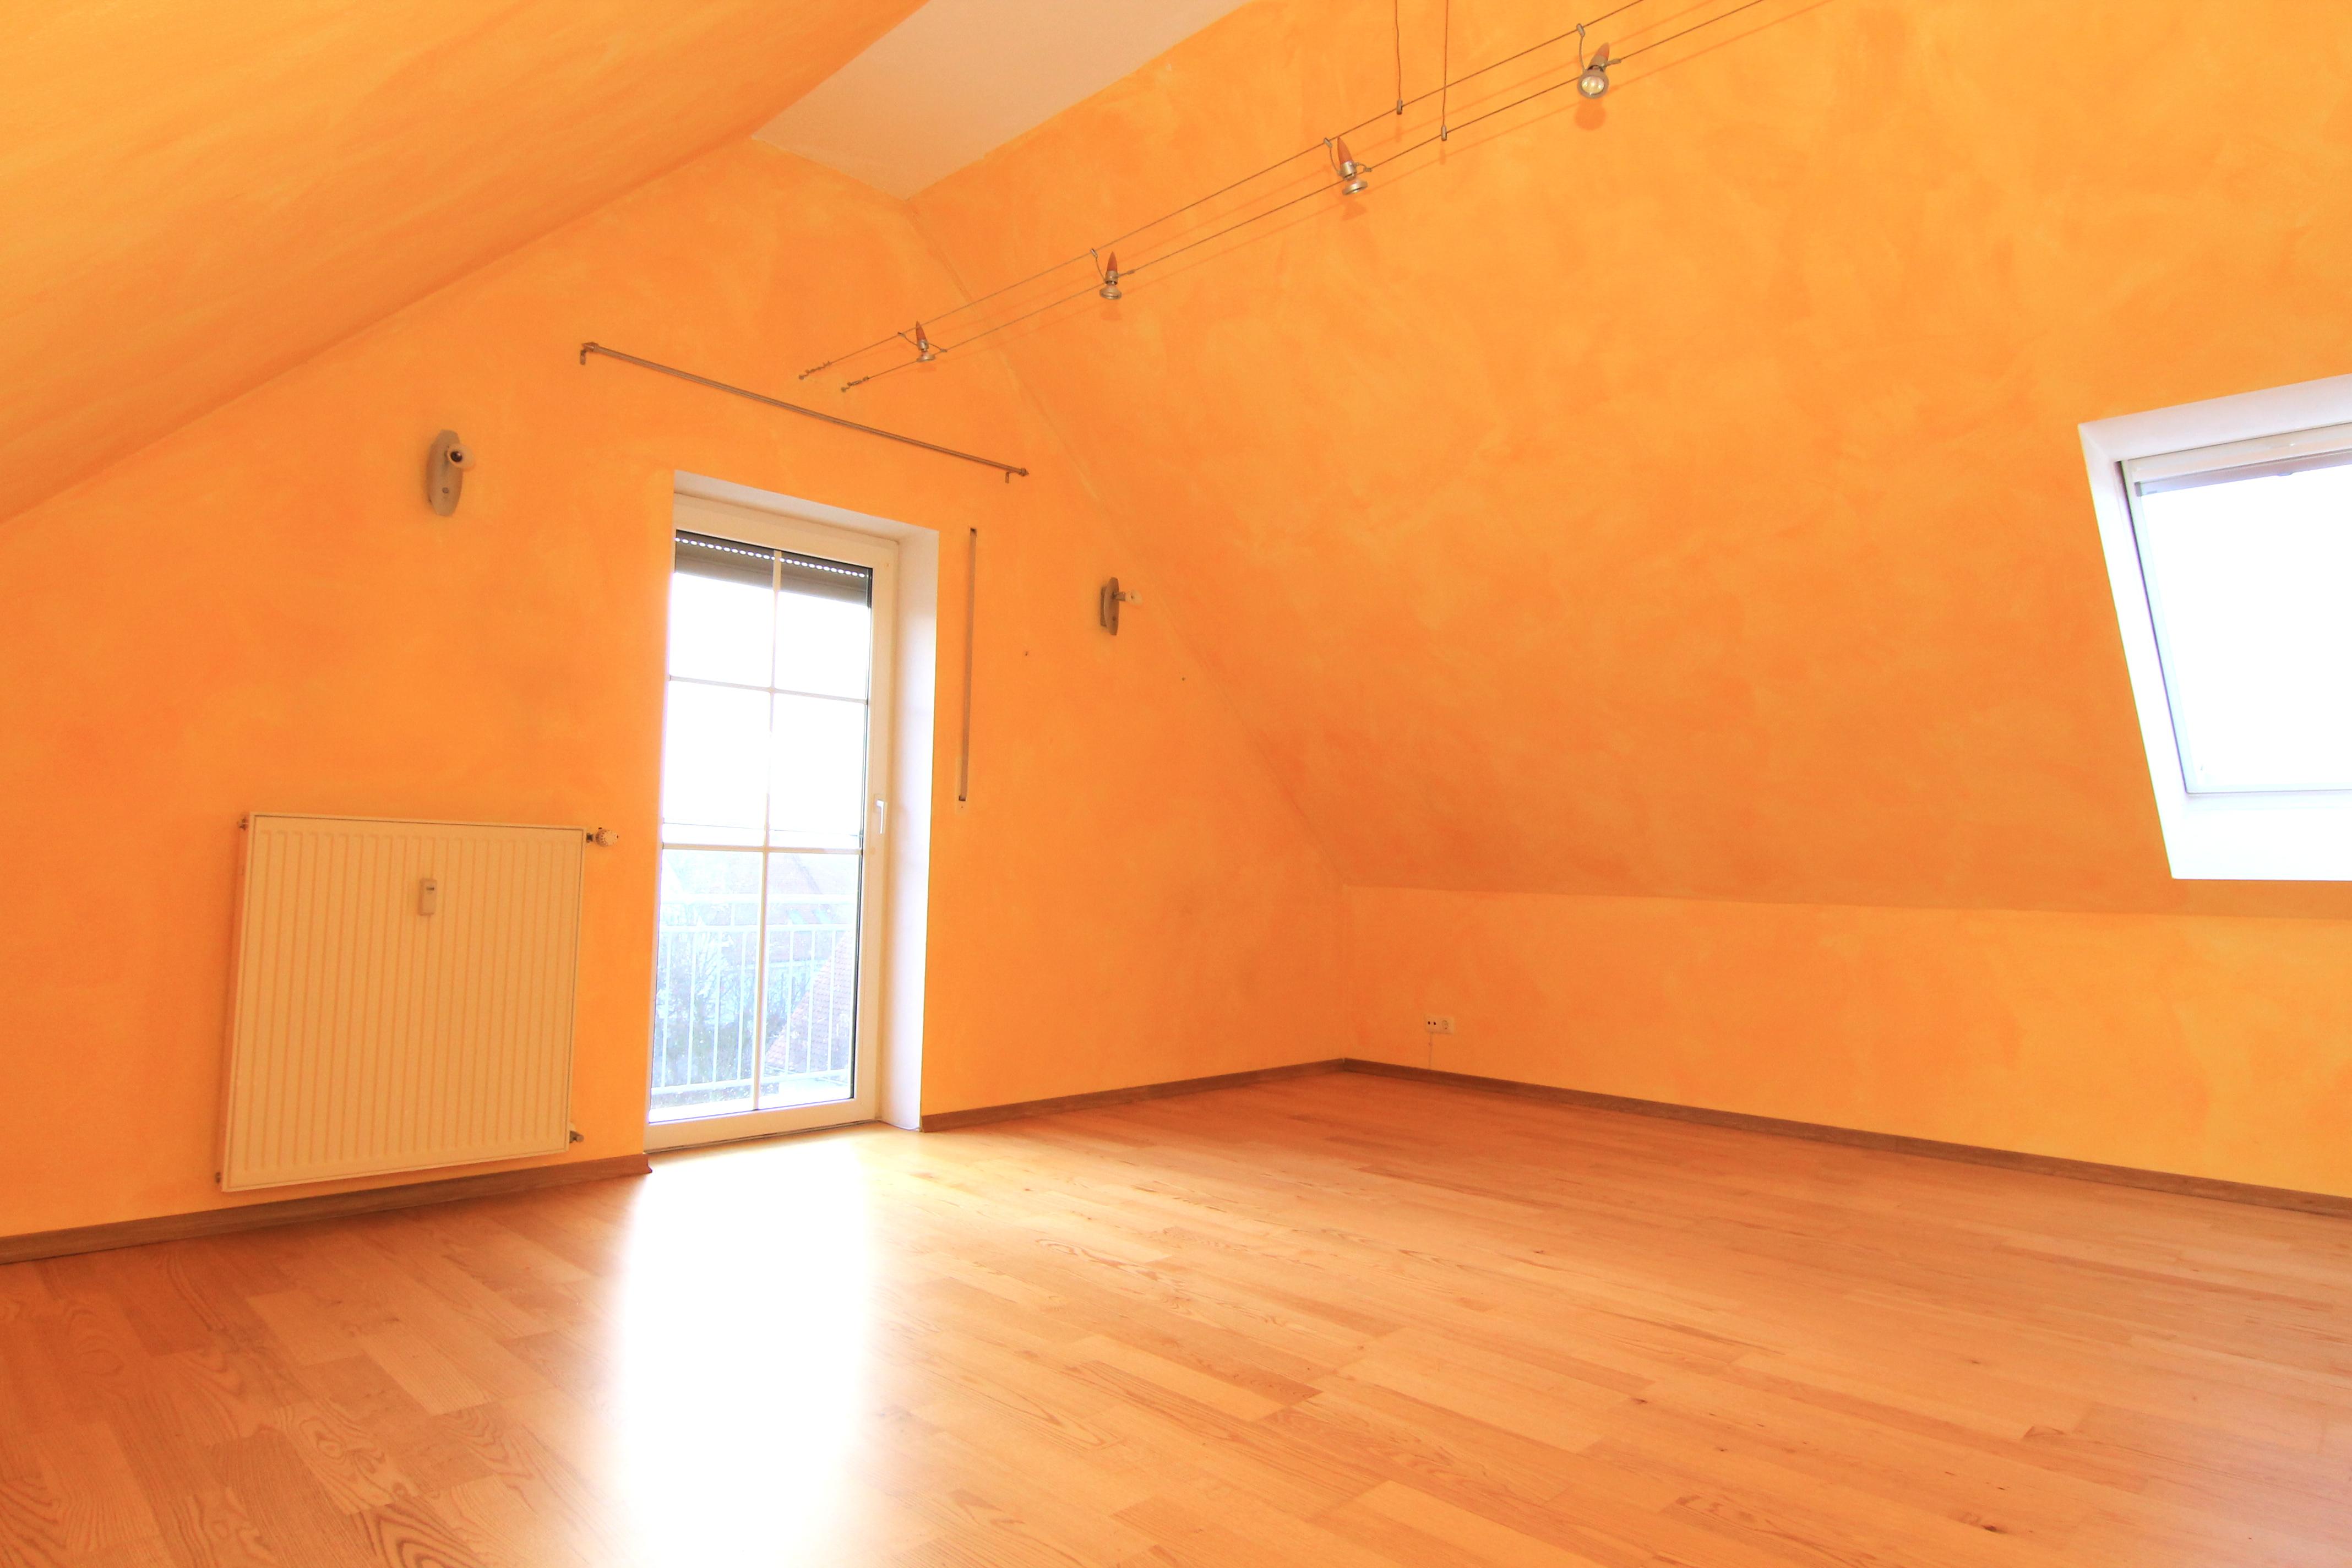 GEMTLICH UNTERM DACH Feine 2 Zimmer Dachgeschoss Wohnung Mit